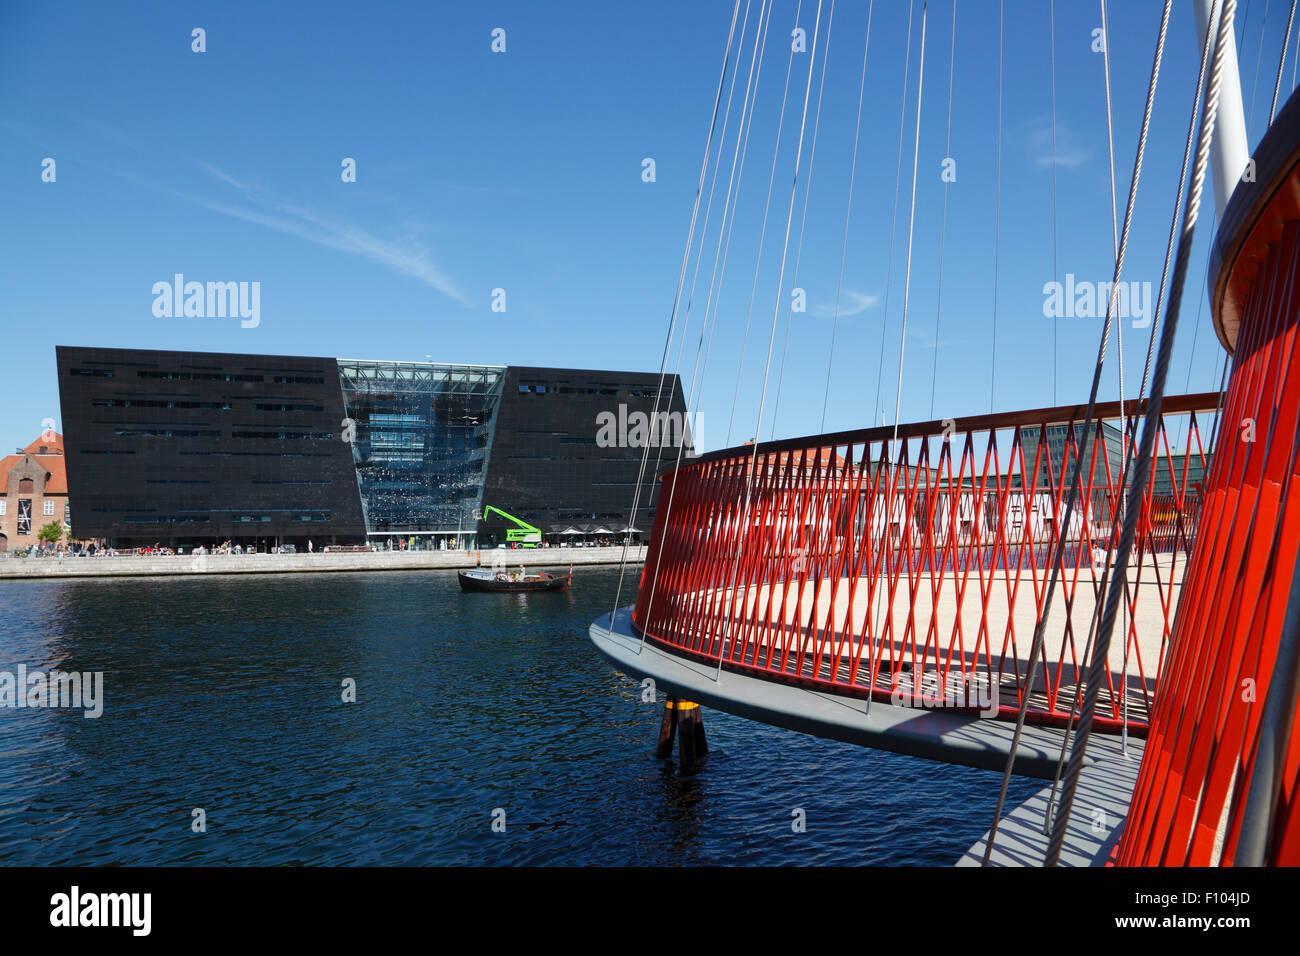 Cirkelbroen, die Kreis-Brücke, entworfen von Olafur Eliasson Christianshavn Kanal überspannt. Der schwarze Diamant, Den Sorte Diamant, im Hintergrund. Stockfoto